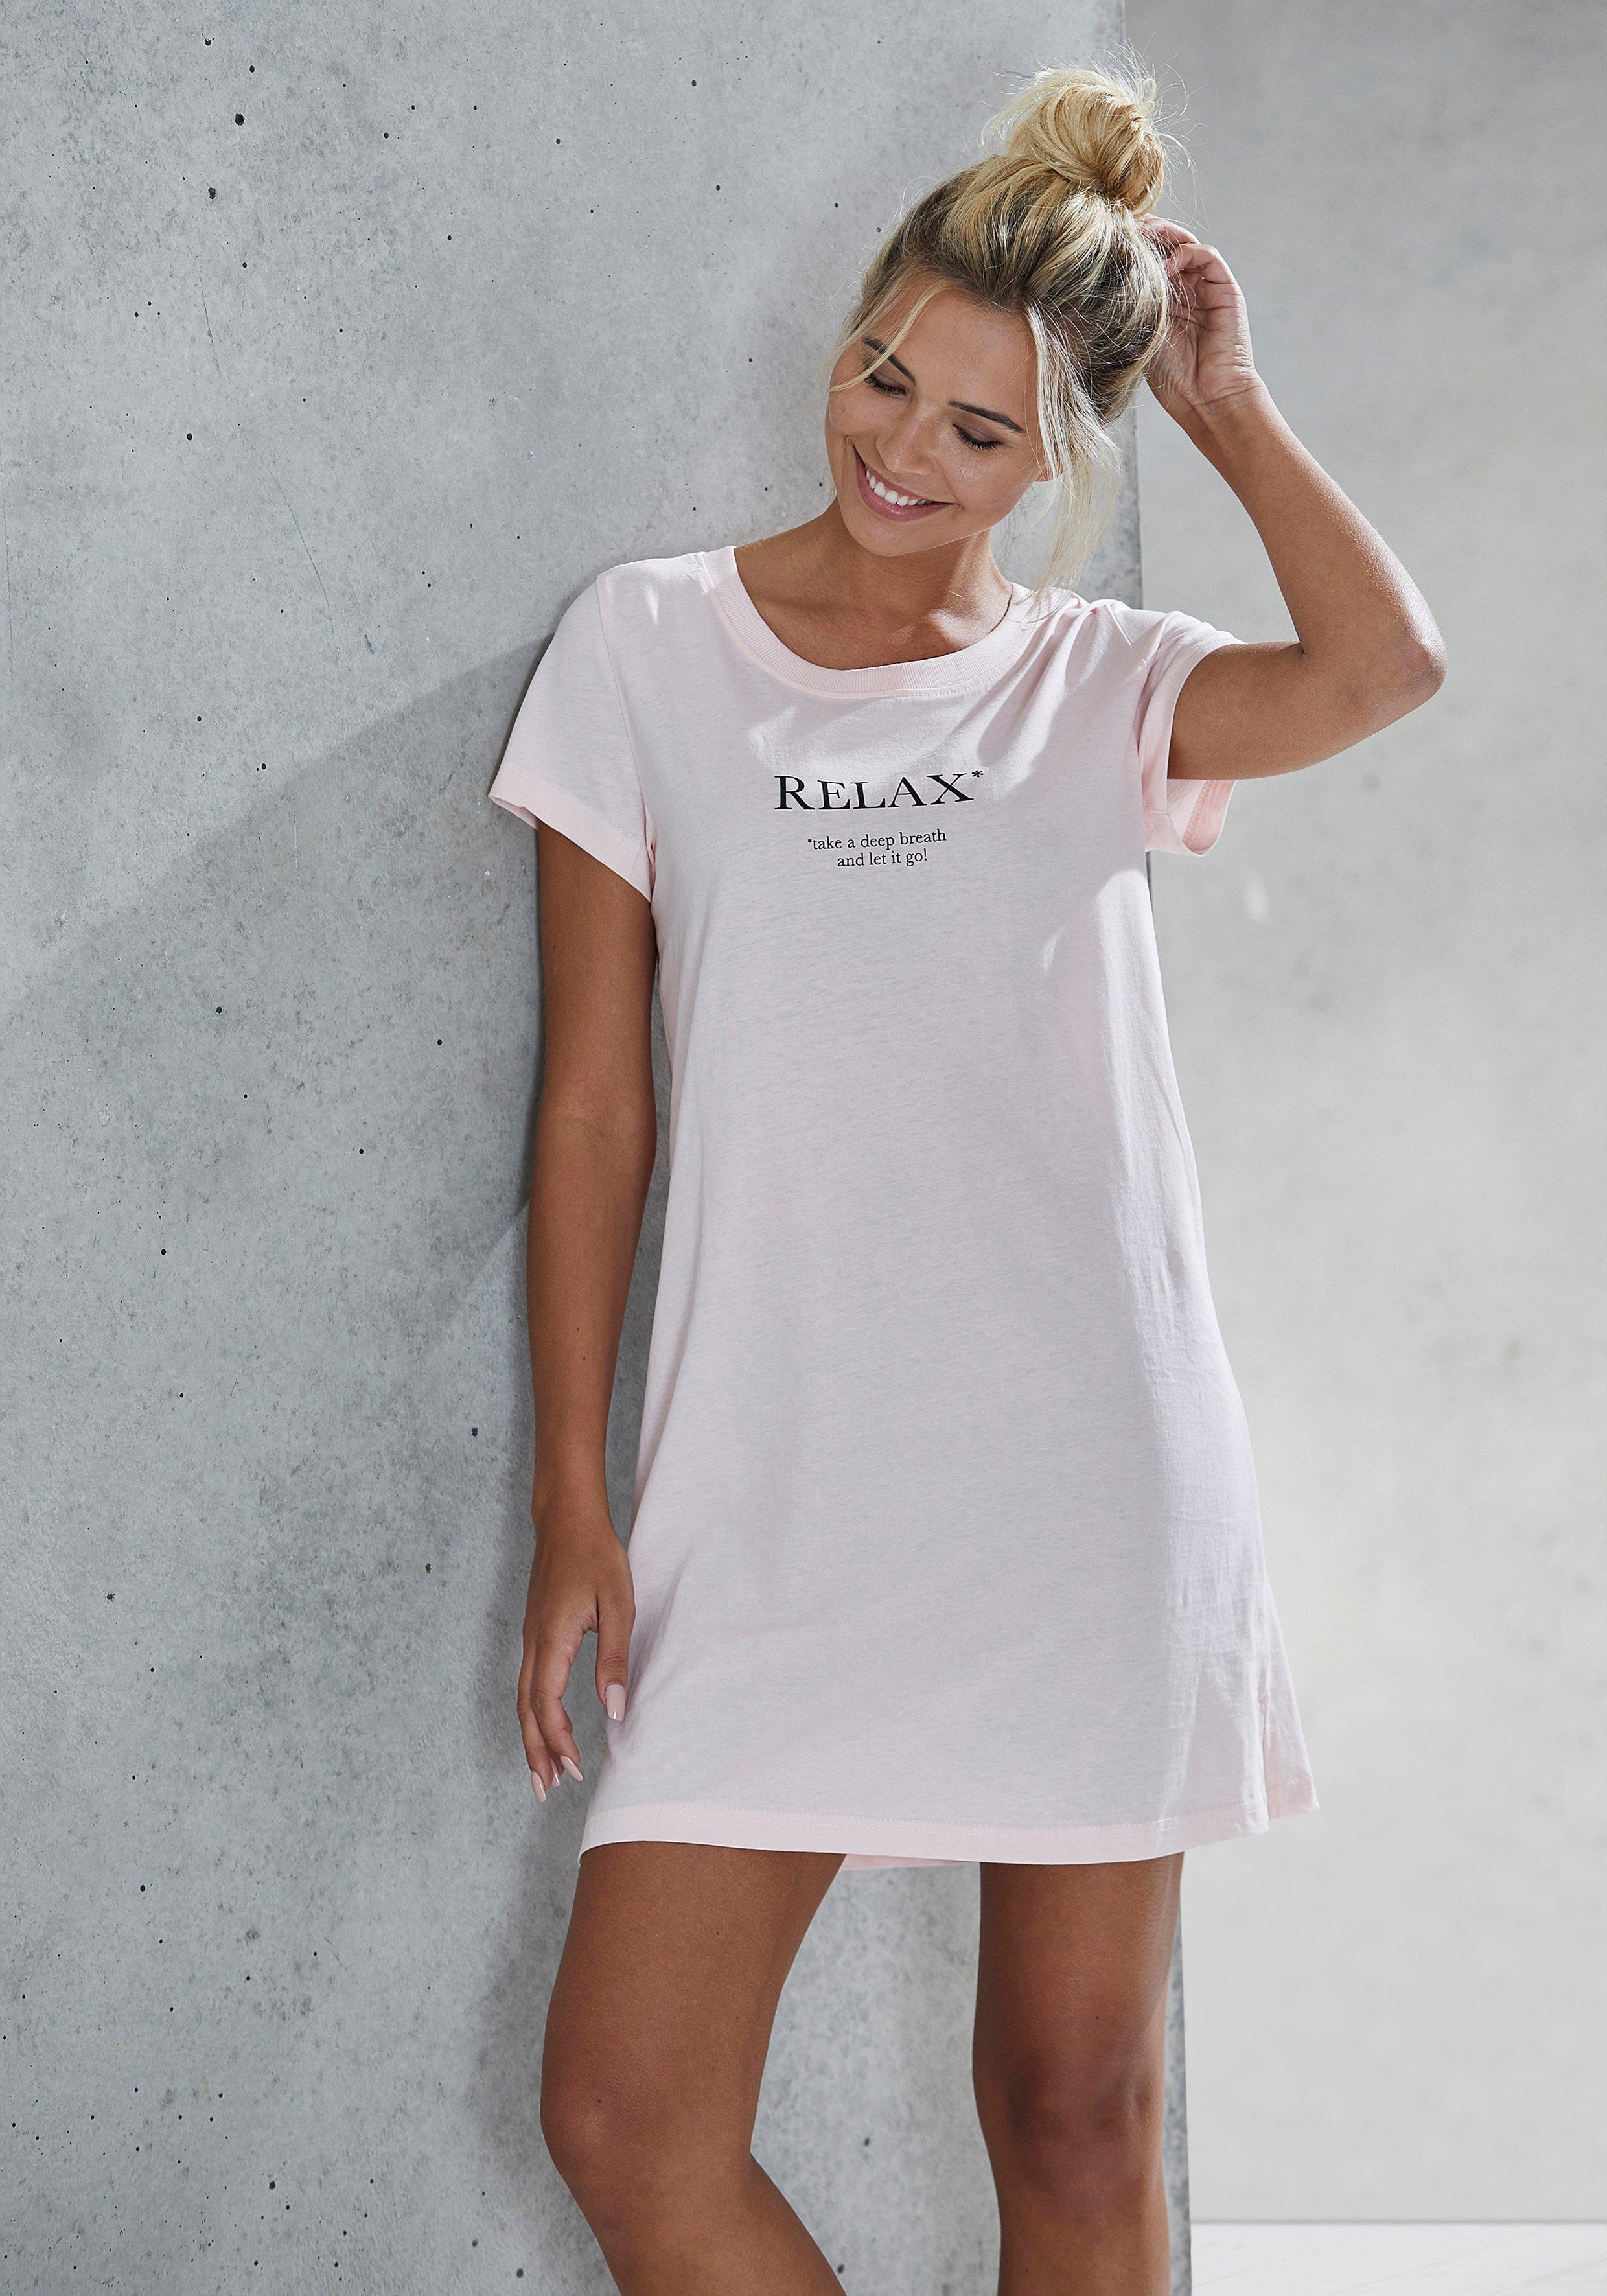 Vivance Dreams nachthemd met statementprint voordelig en veilig online kopen